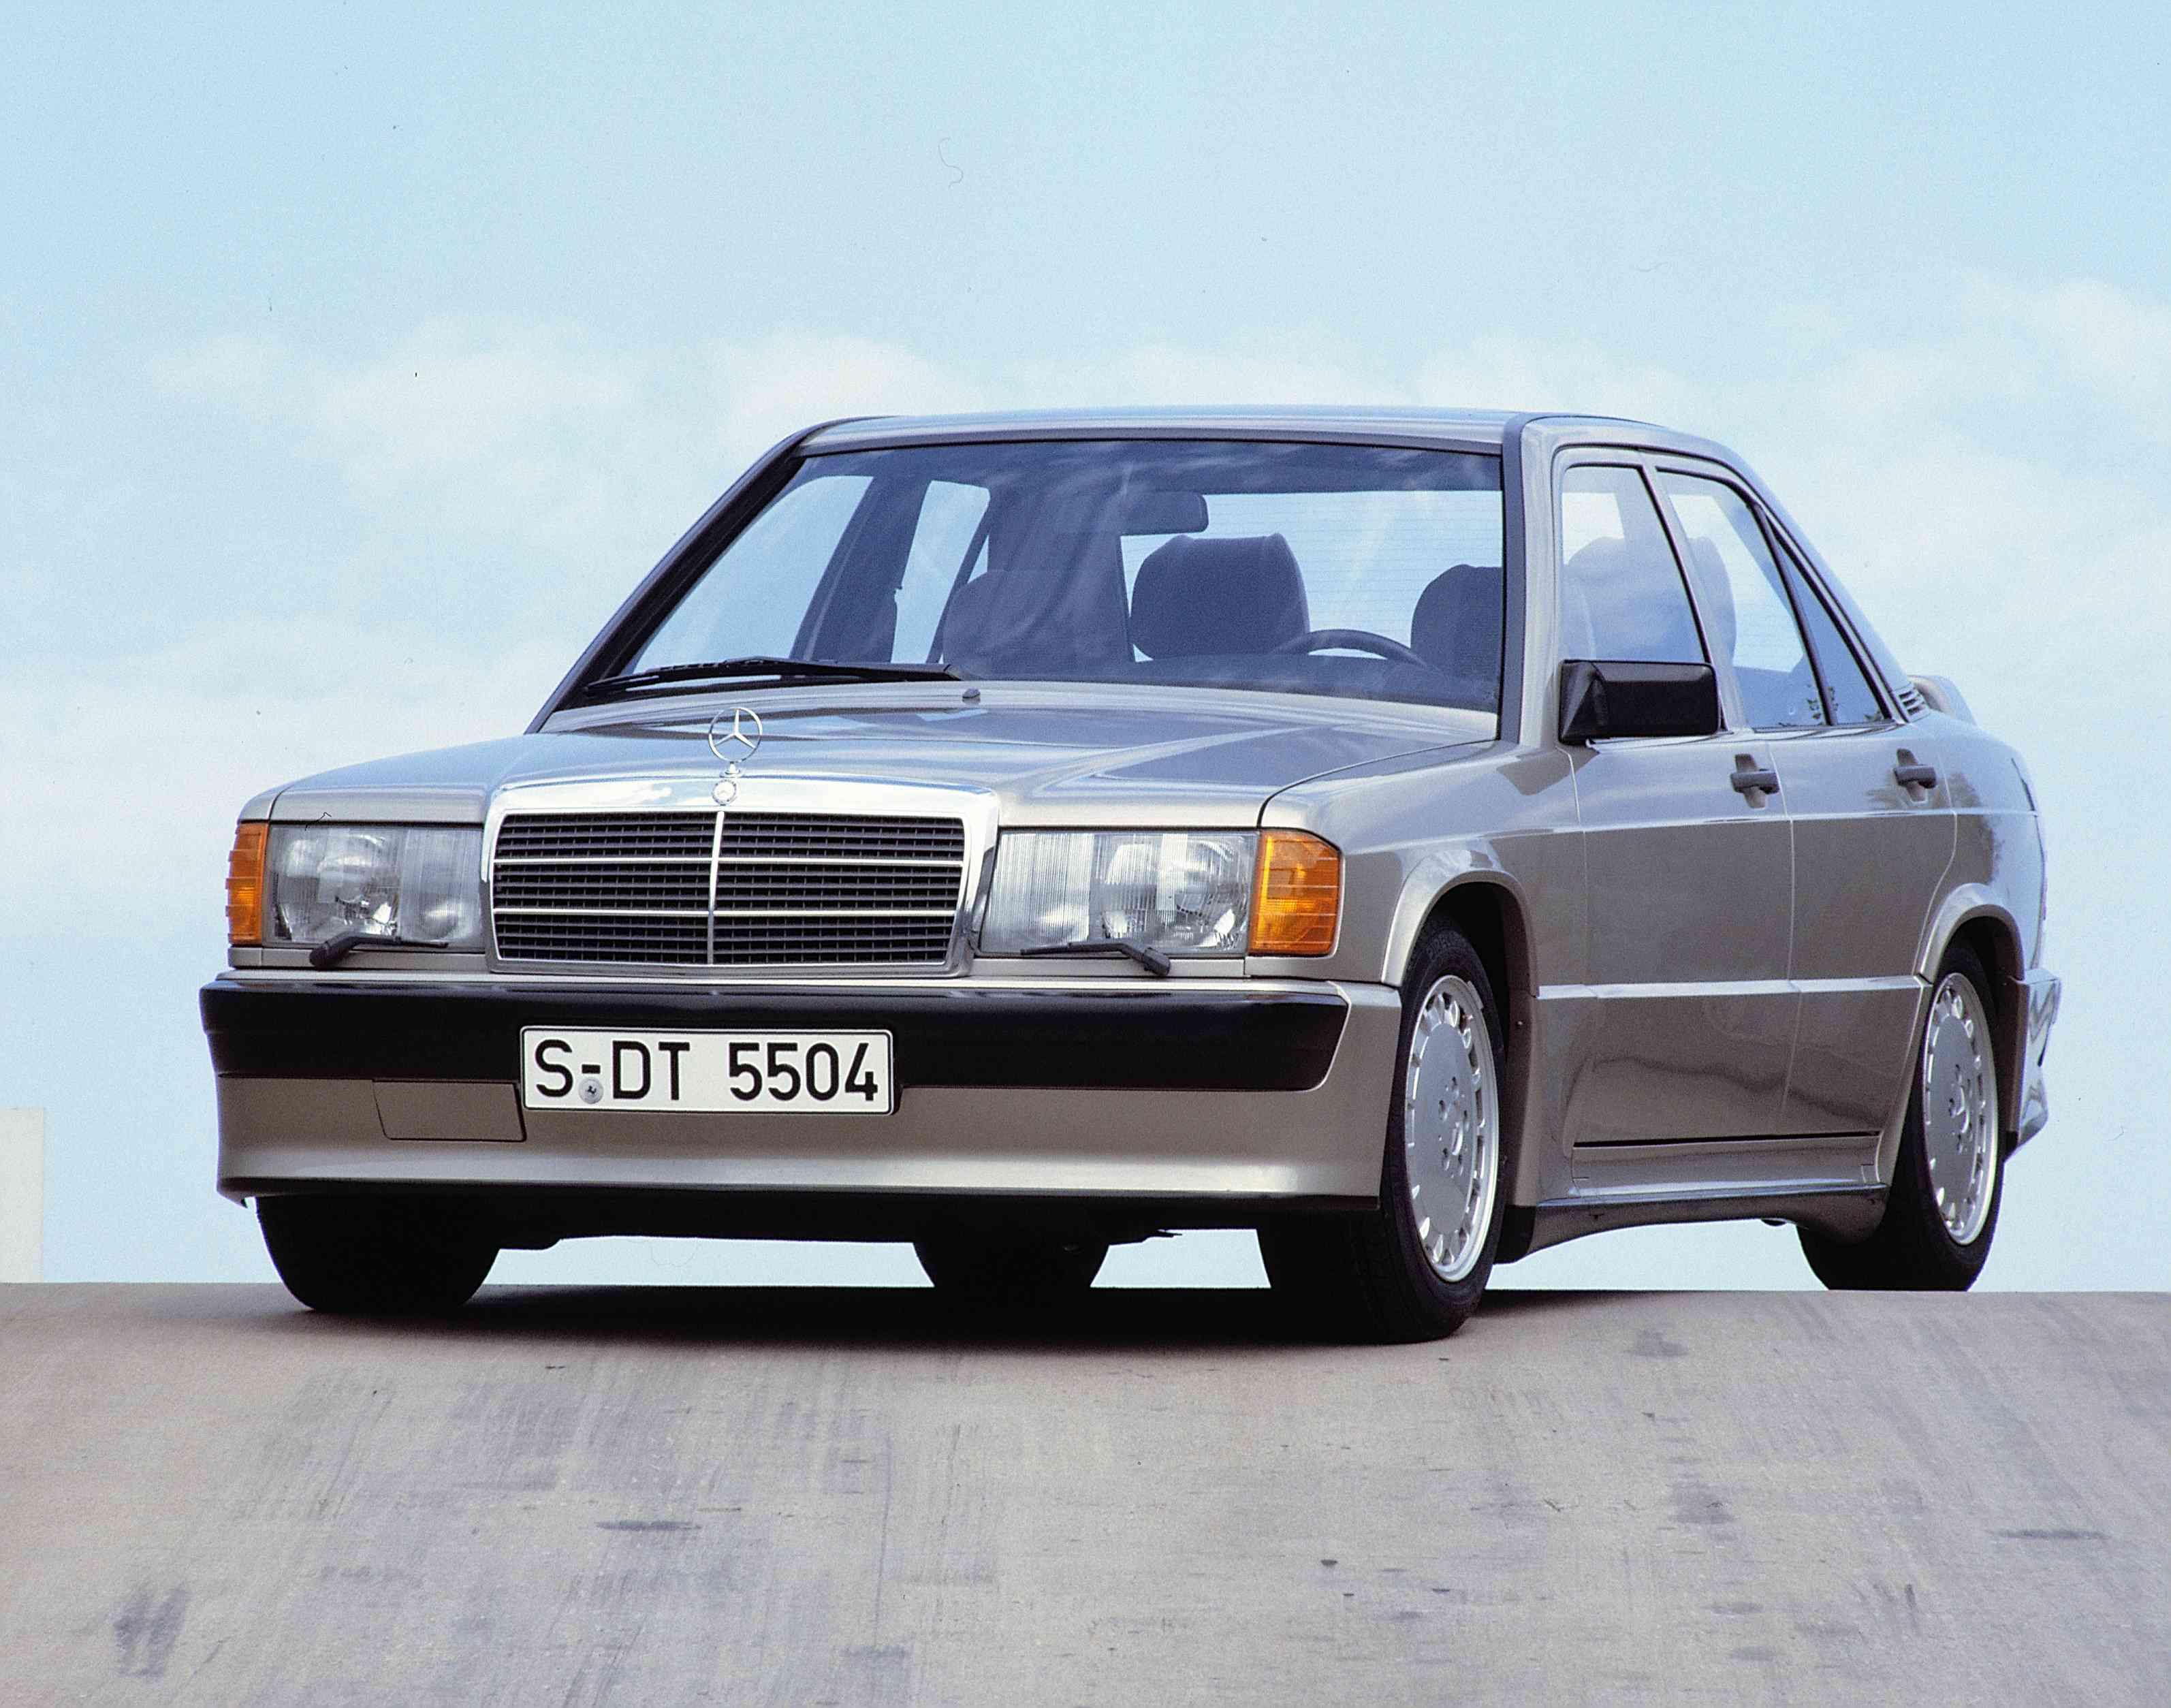 Mercedes benz verein der heckflossenfreunde vdh baby for Baby mercedes benz